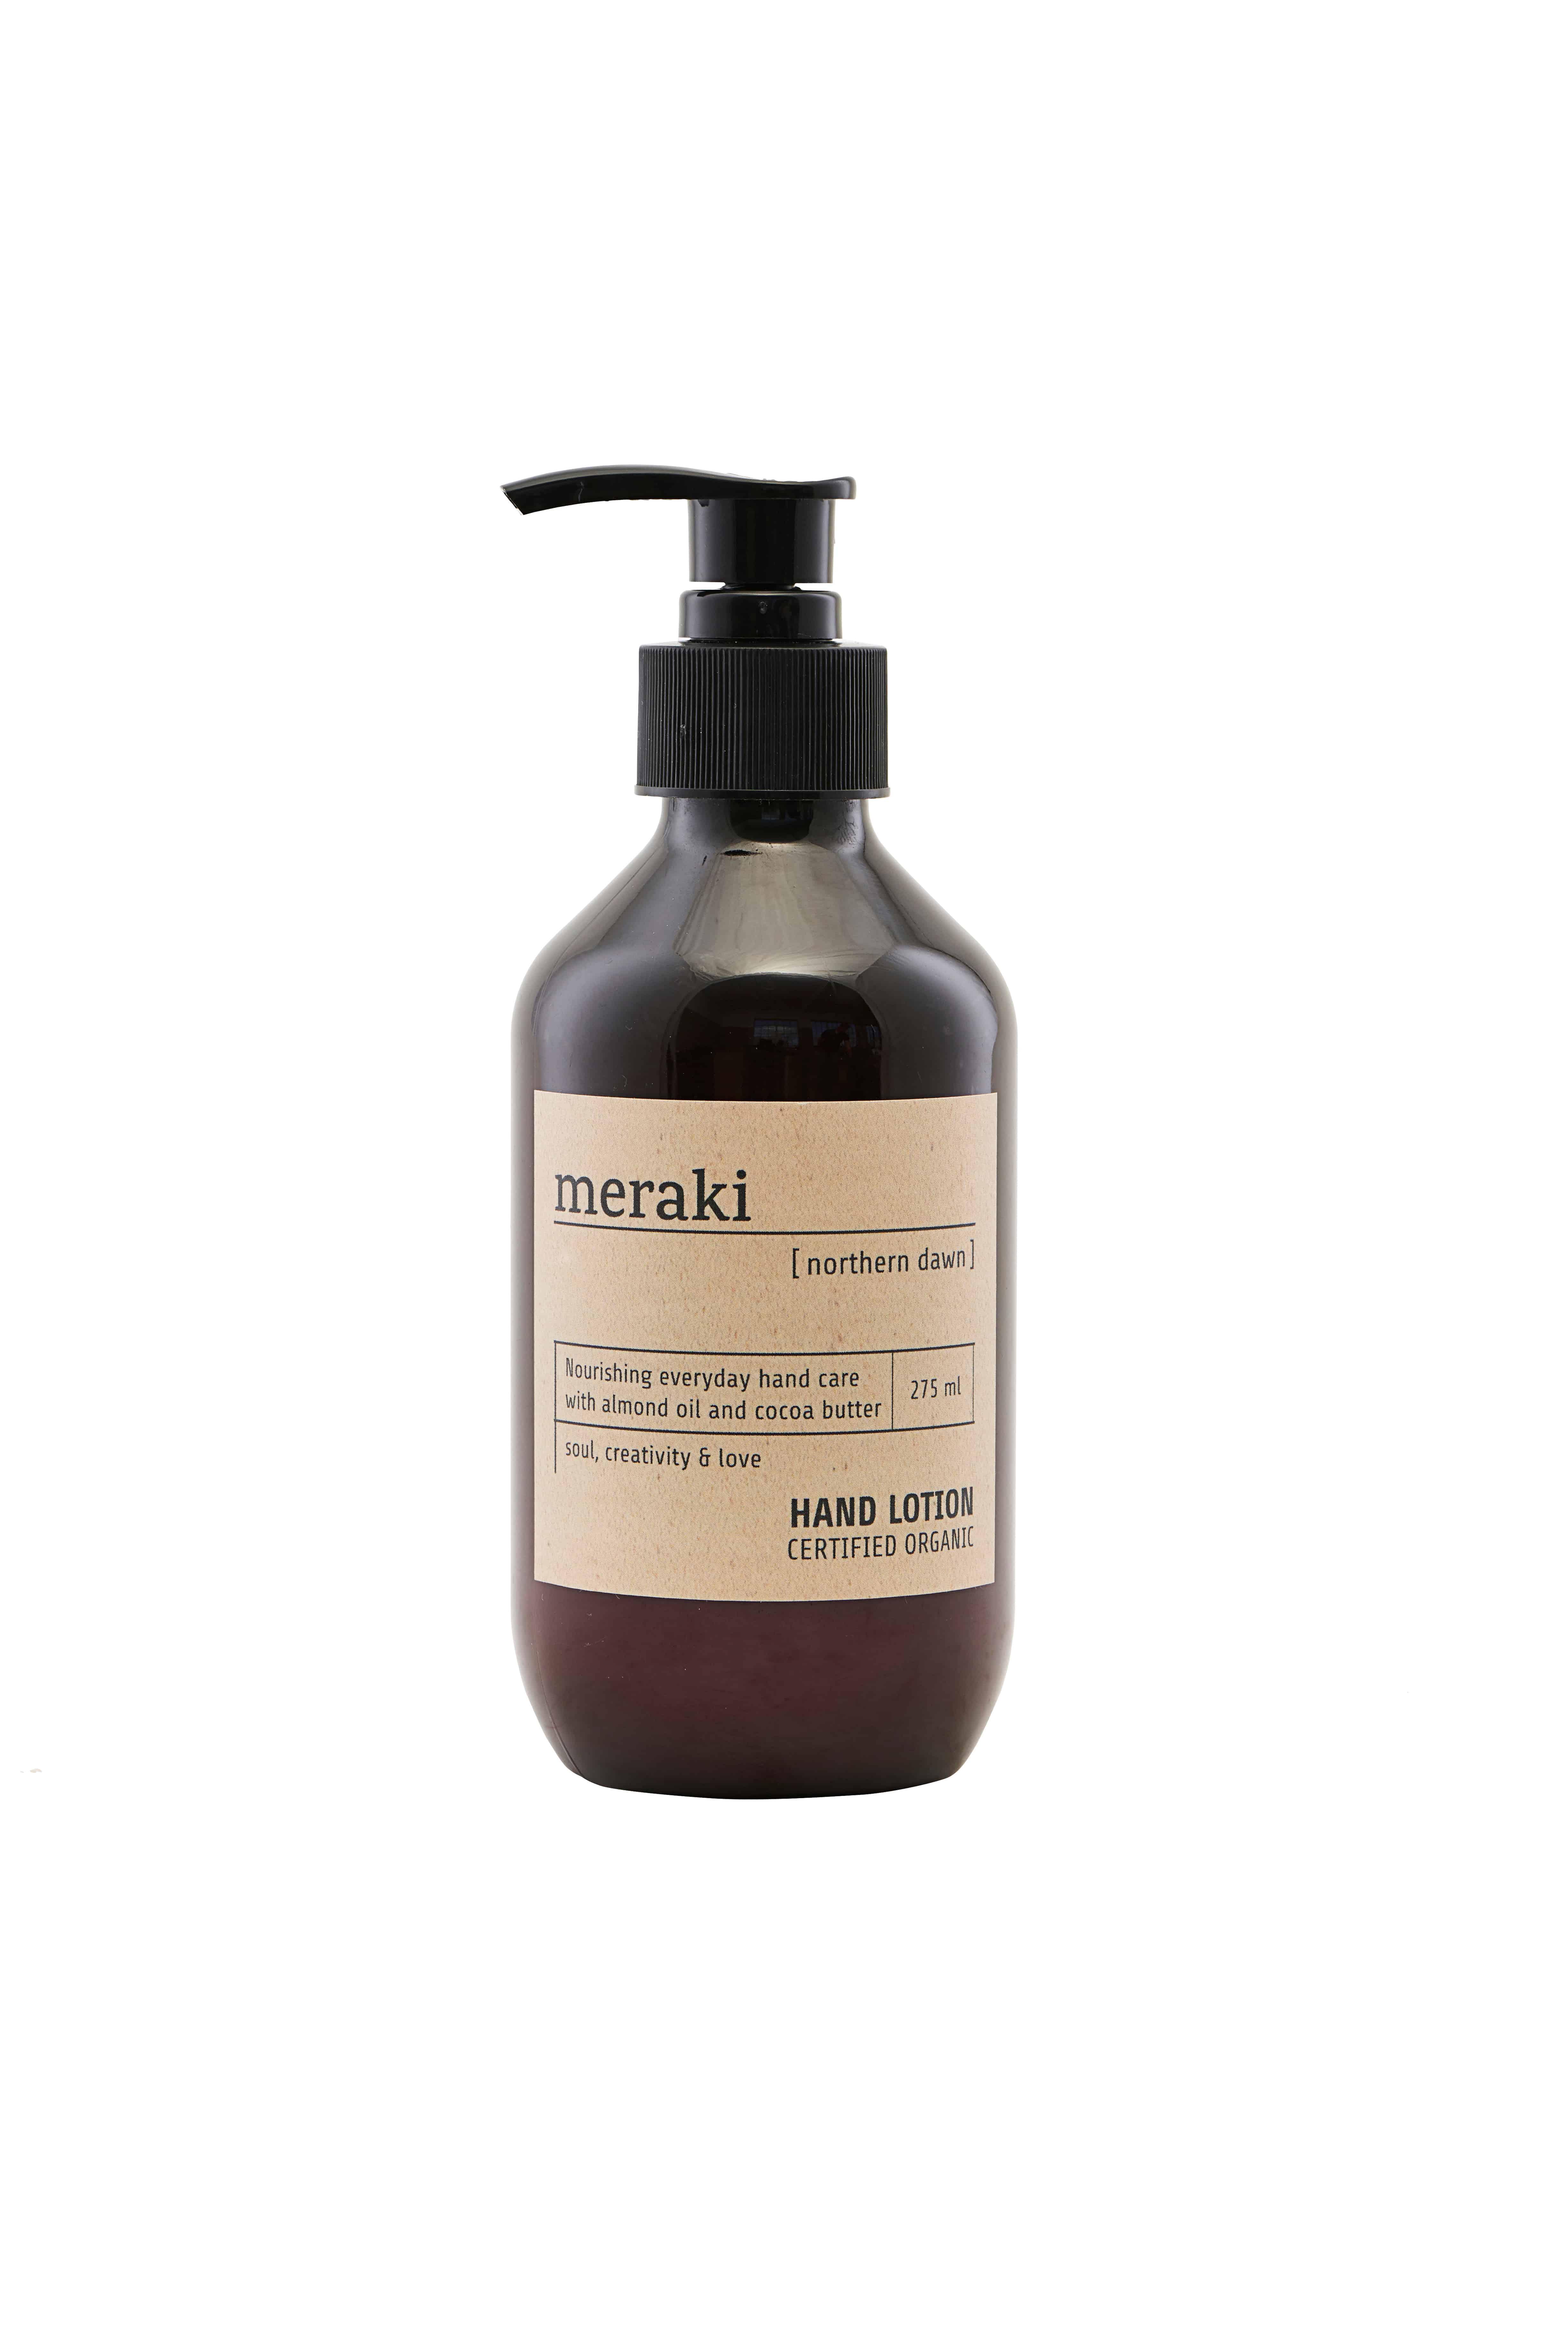 Meraki Hand Lotion, Northern Dawn, Certified Organic